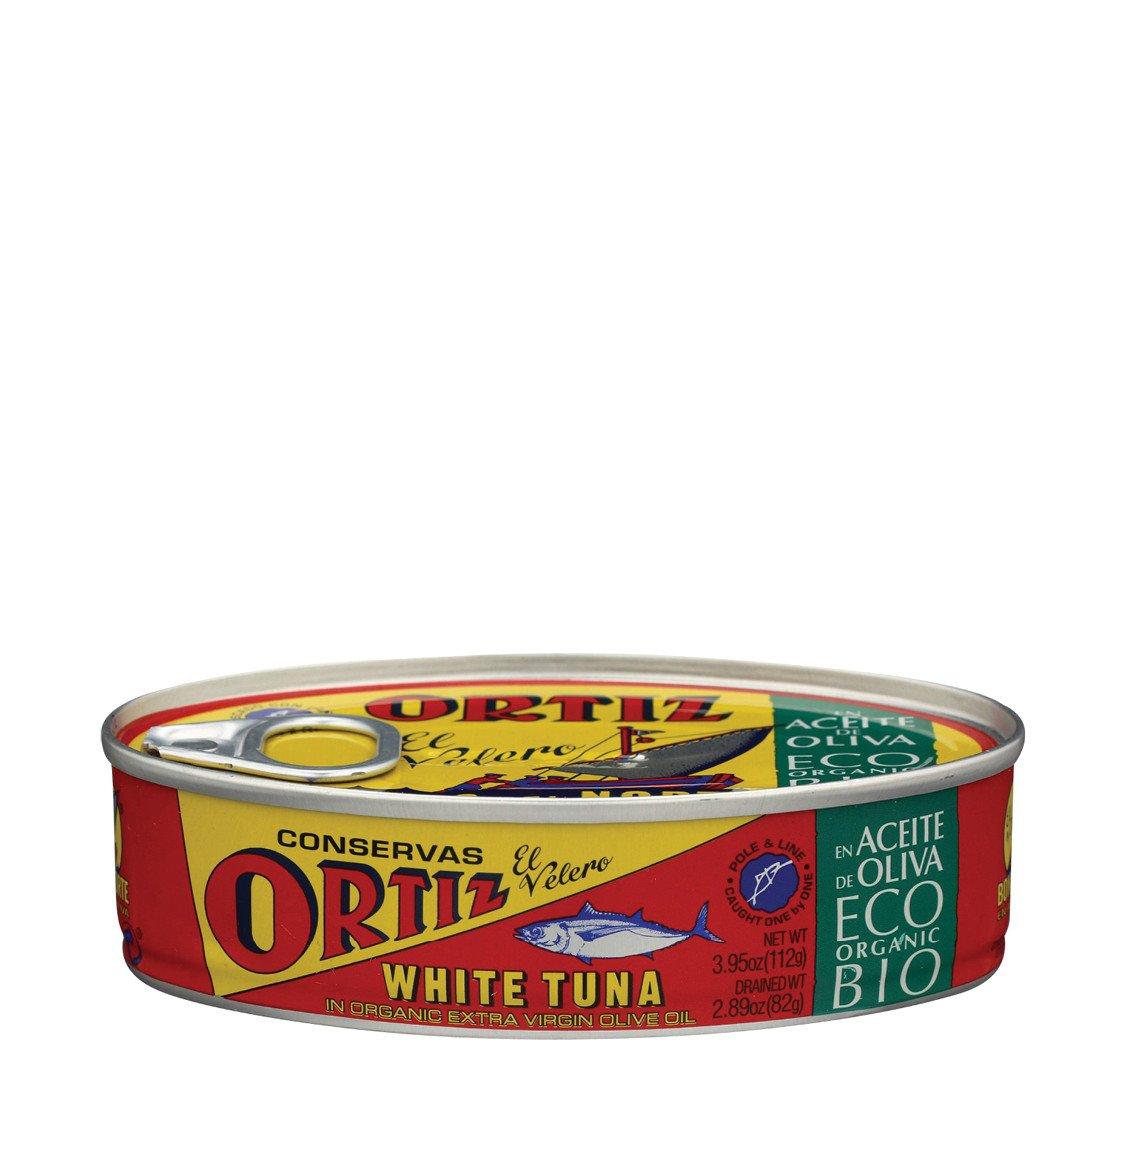 Ortiz Conservas White Tuna In Organic Olive Oil 112g